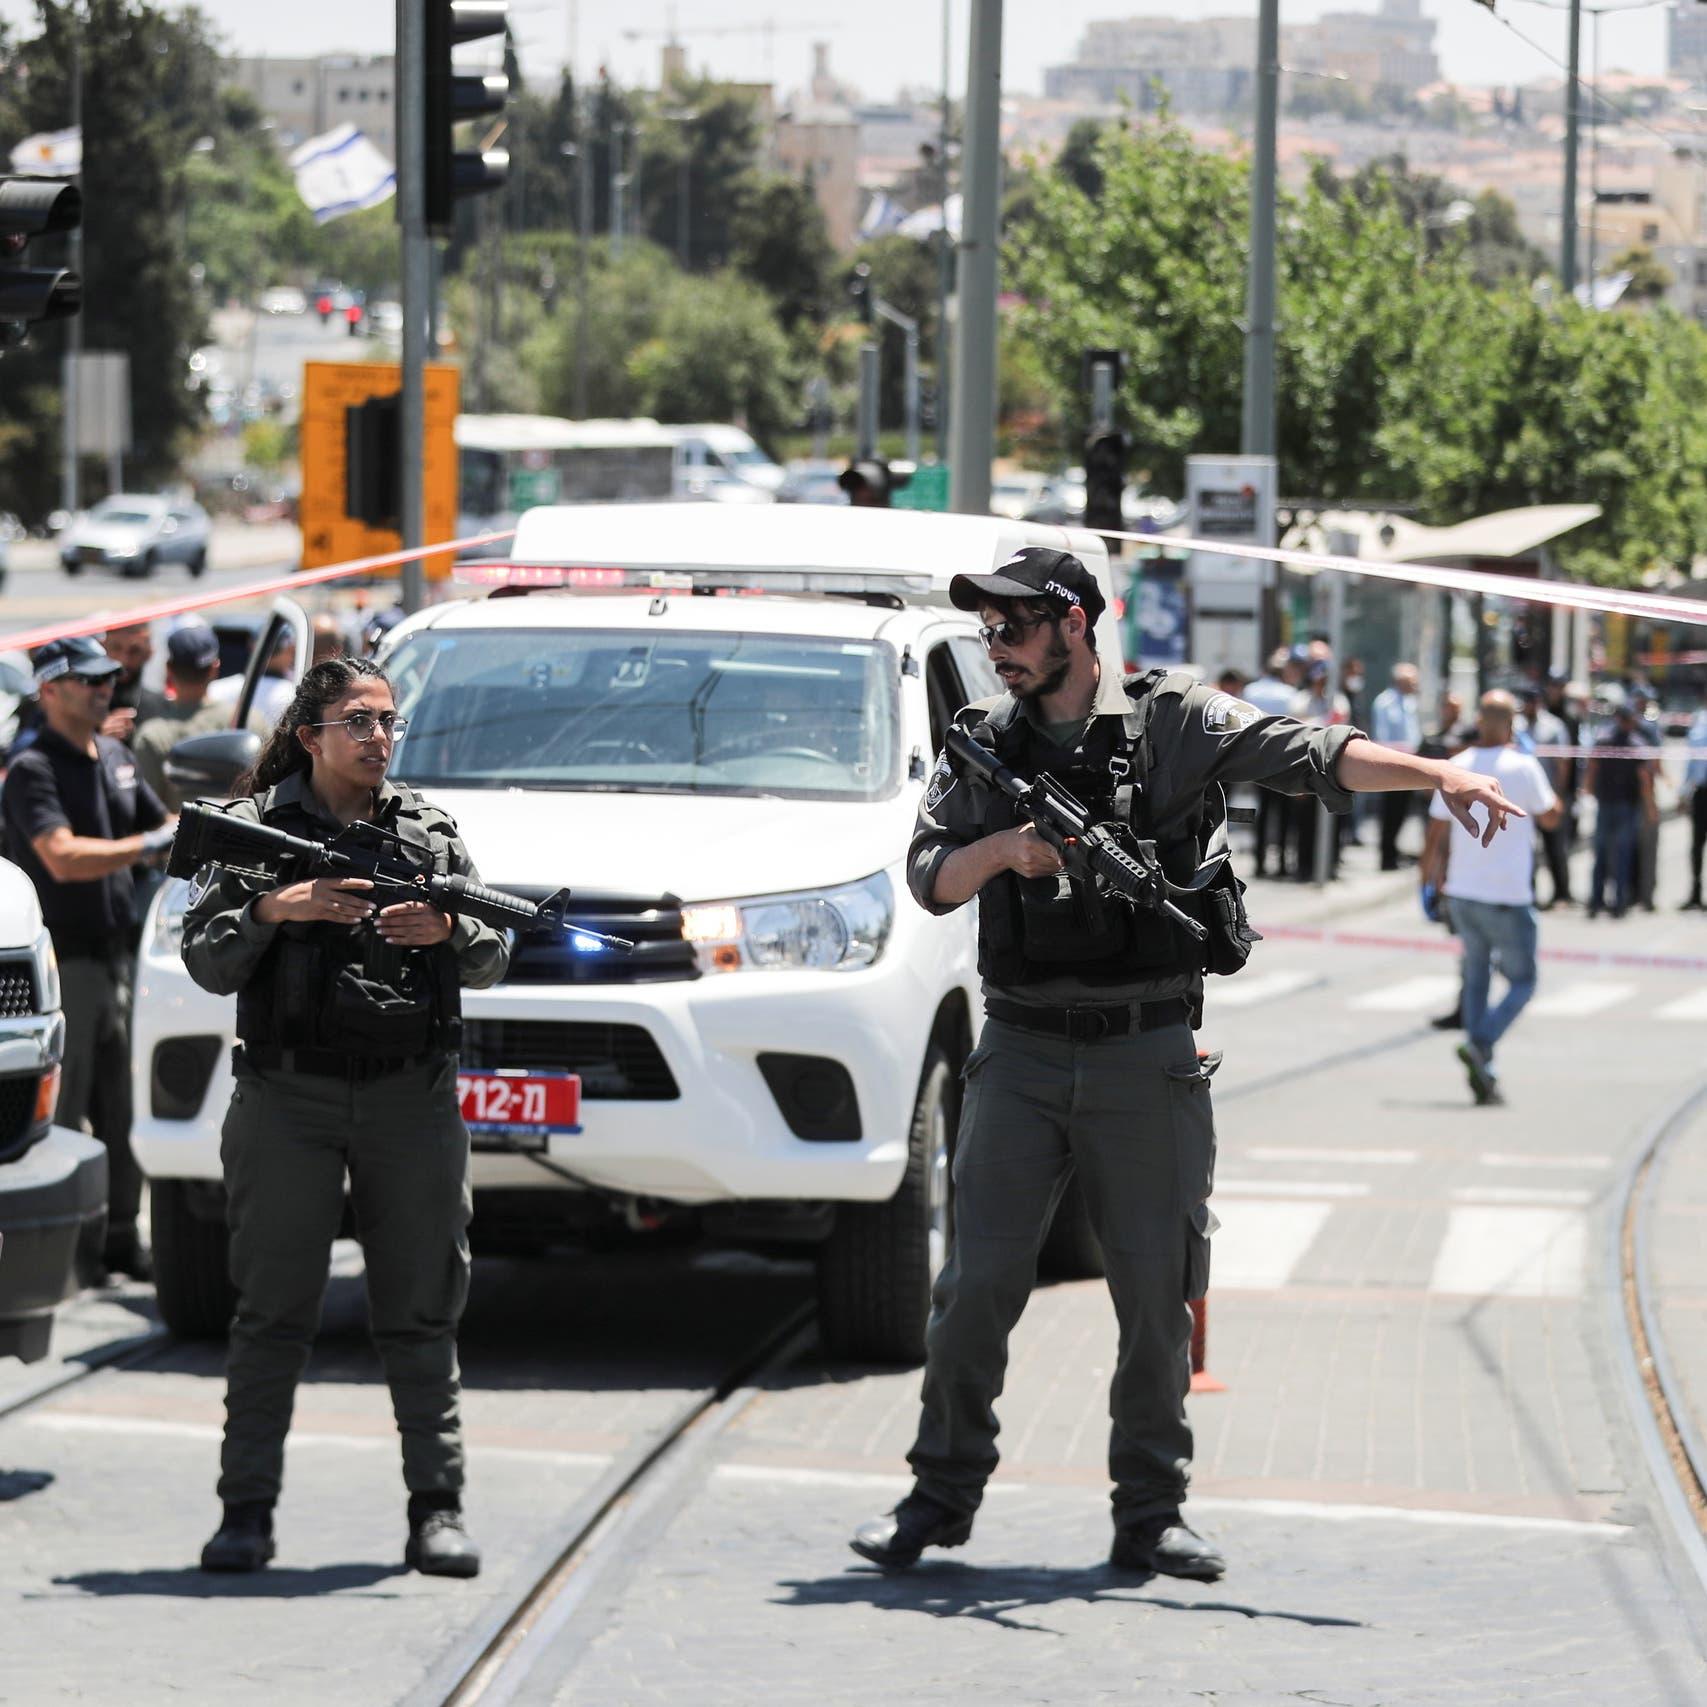 بعد خلاف مع الشرطة.. إلغاء مسيرة لليمين المتطرف بالقدس